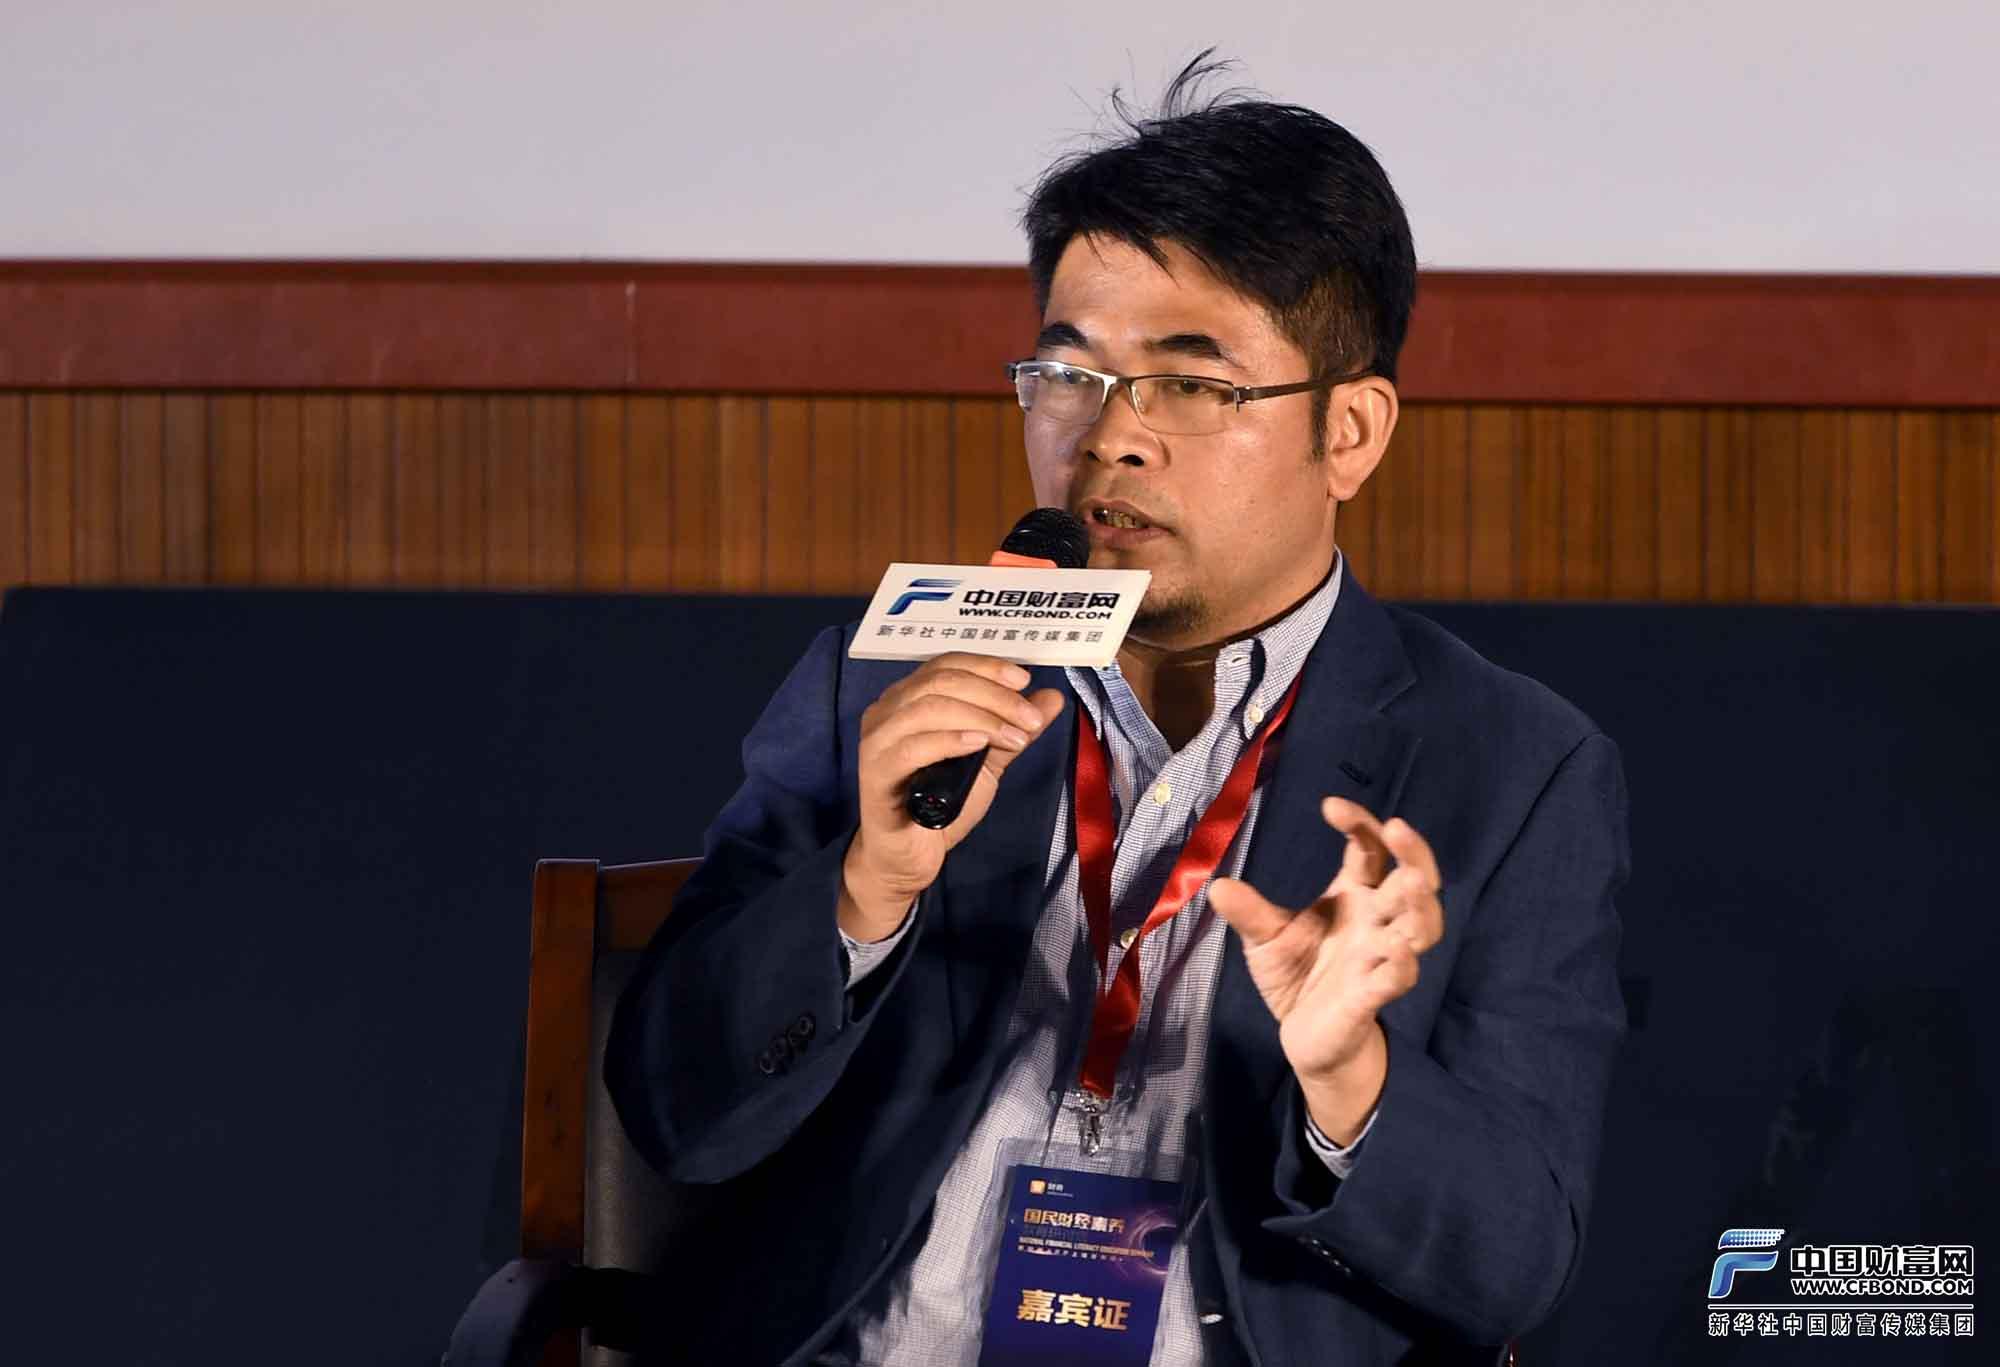 圆桌会议嘉宾:北京师范大学财经素养教育研究中心主任苏凇